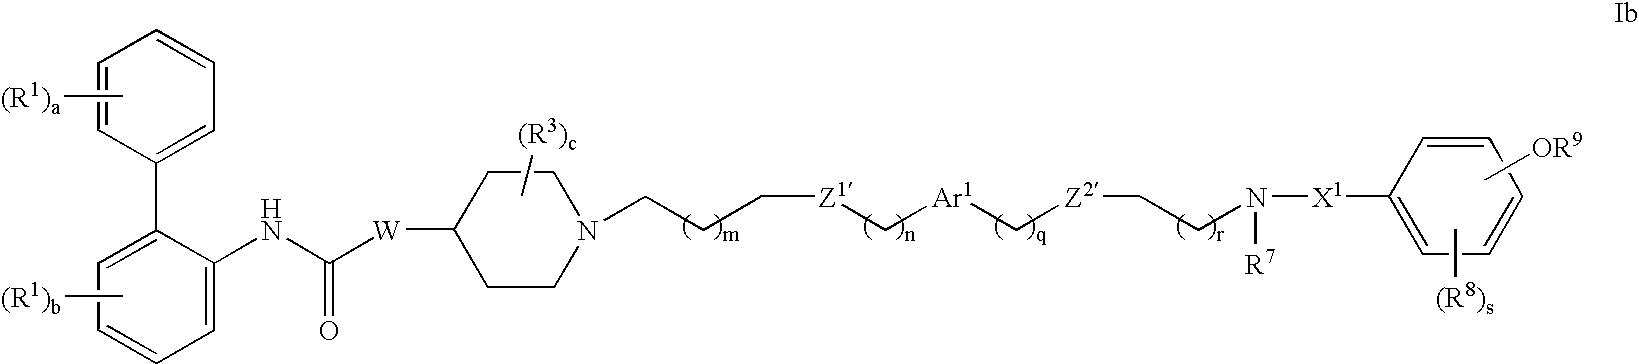 Figure US07687519-20100330-C00013